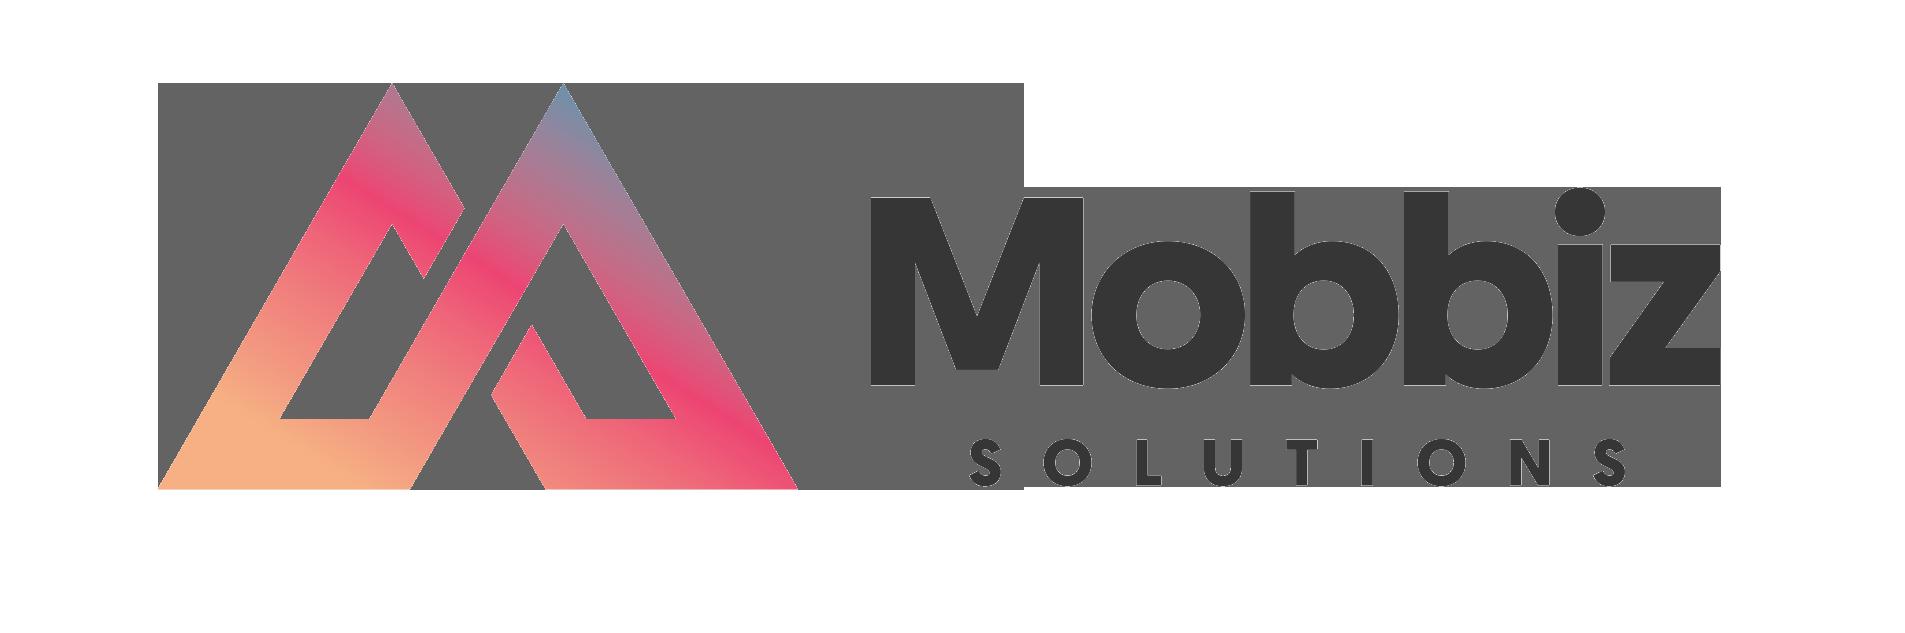 Mobbiz Solutions